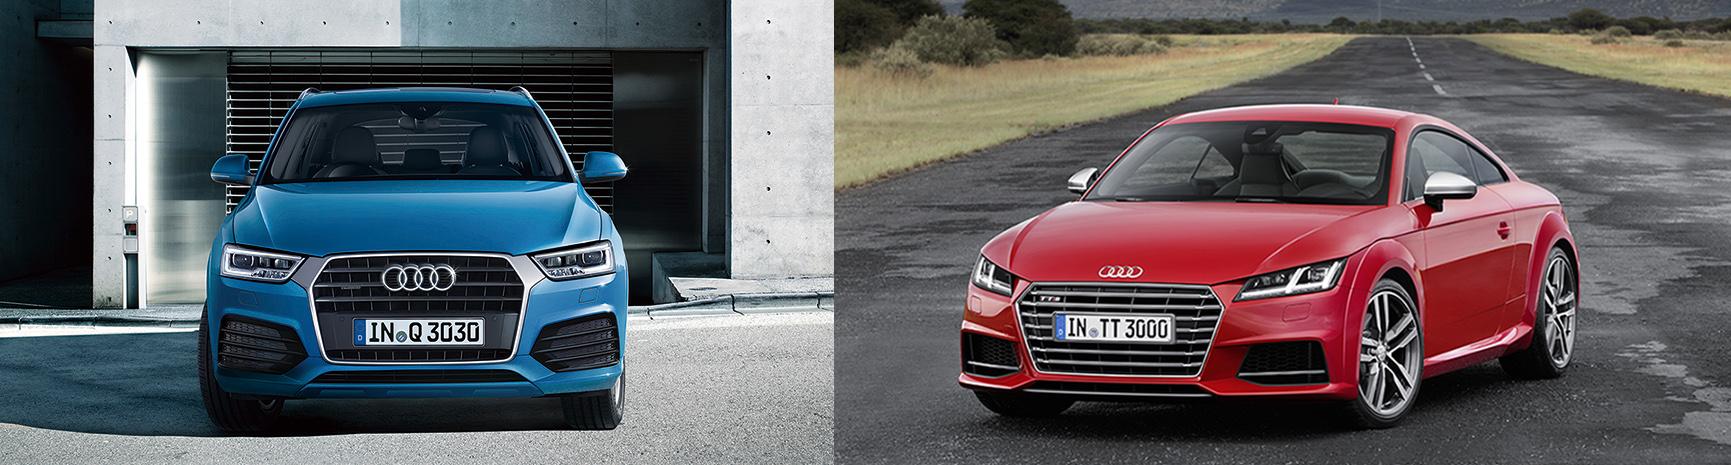 Audi Q3、Audi TTS、TTRSの仕様を一部変更